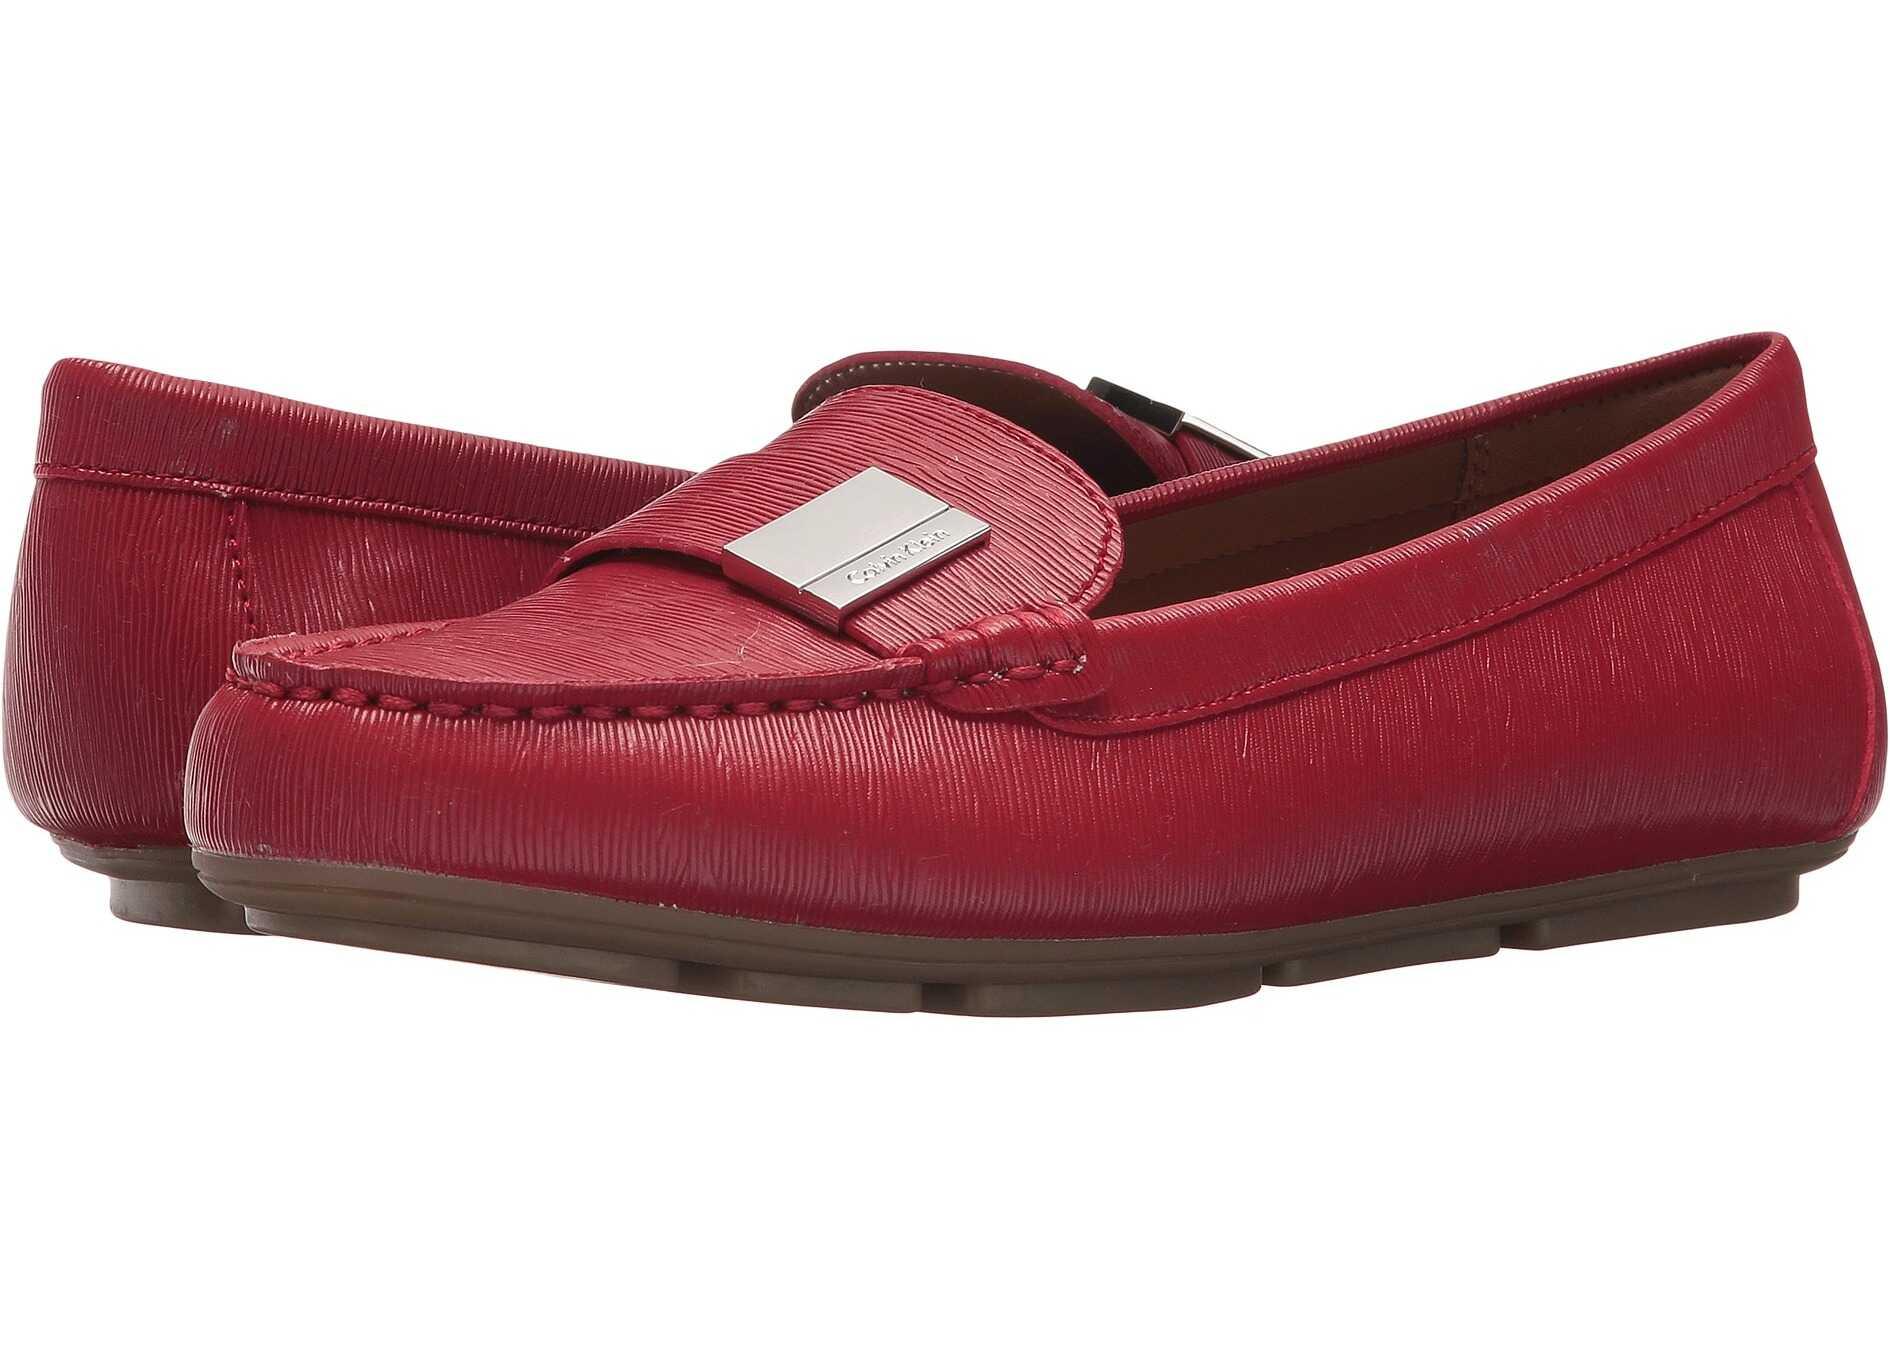 Calvin Klein Lisa Crimson Red Birtch Saffiano Smooth